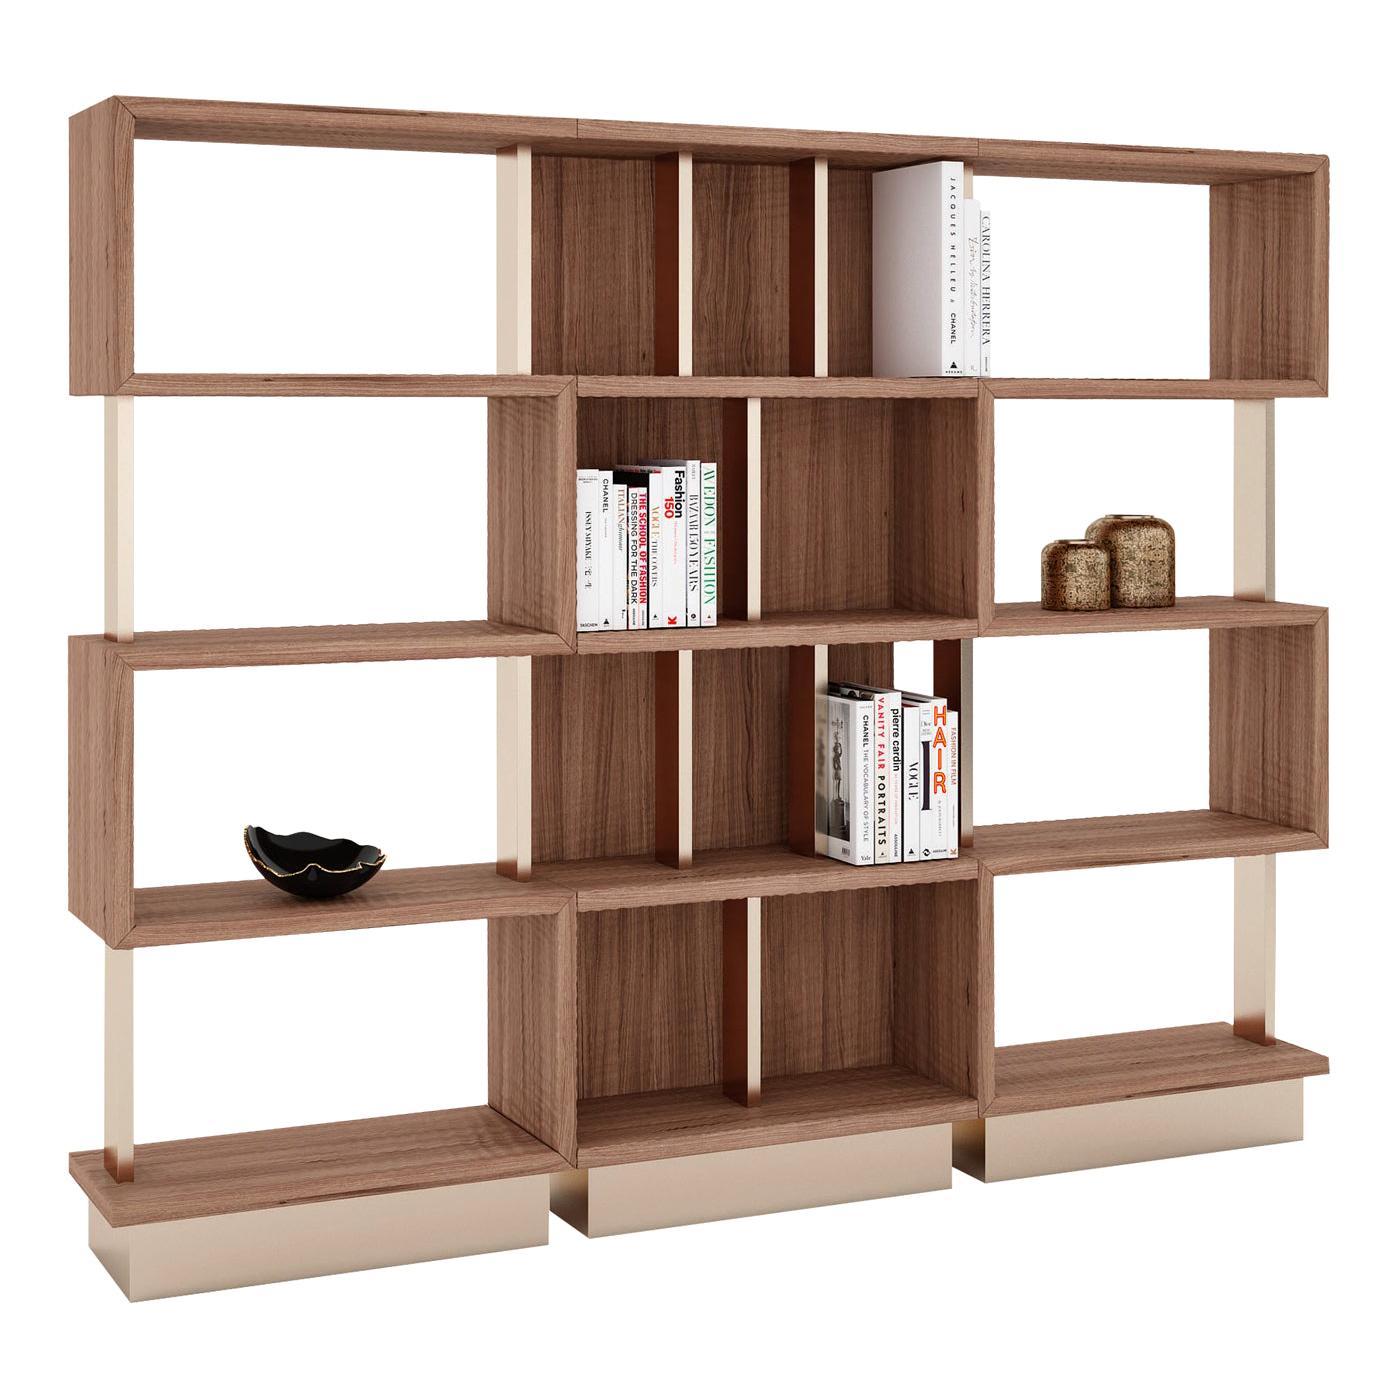 Tarzana Bookcase by Giannella Ventura